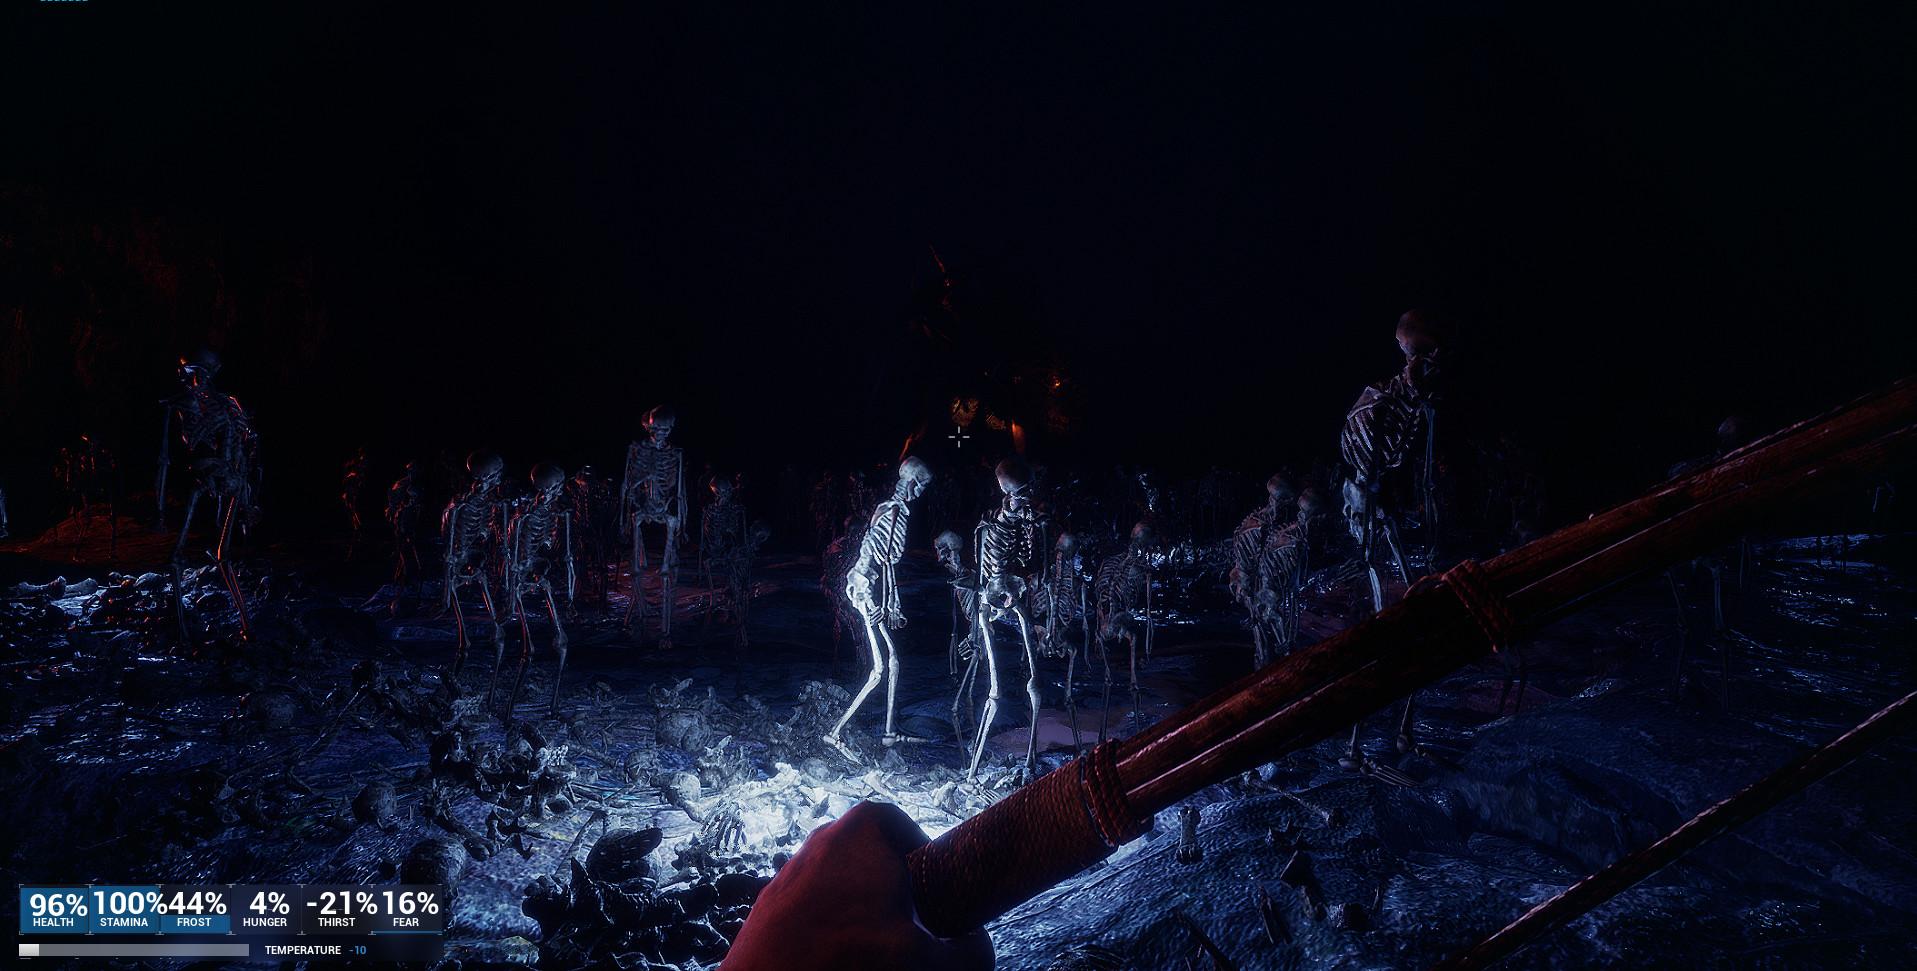 开放世界生存建造游戏《黎明边缘》Steam褒贬不一